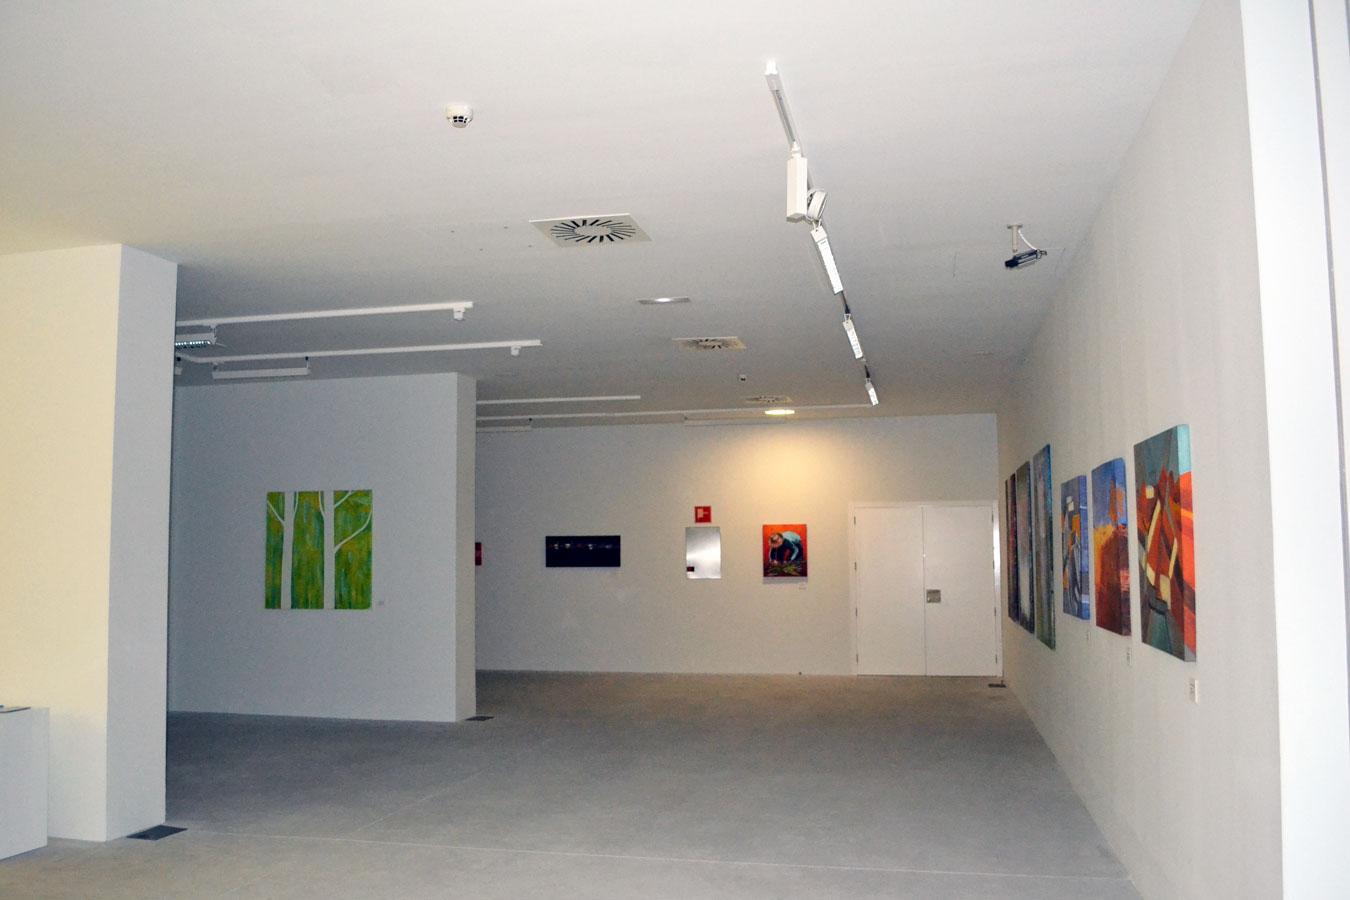 Procedimiento y normas de uso para solicitar la Sala de Exposiciones 2 de Valey Centro Cultural 2017